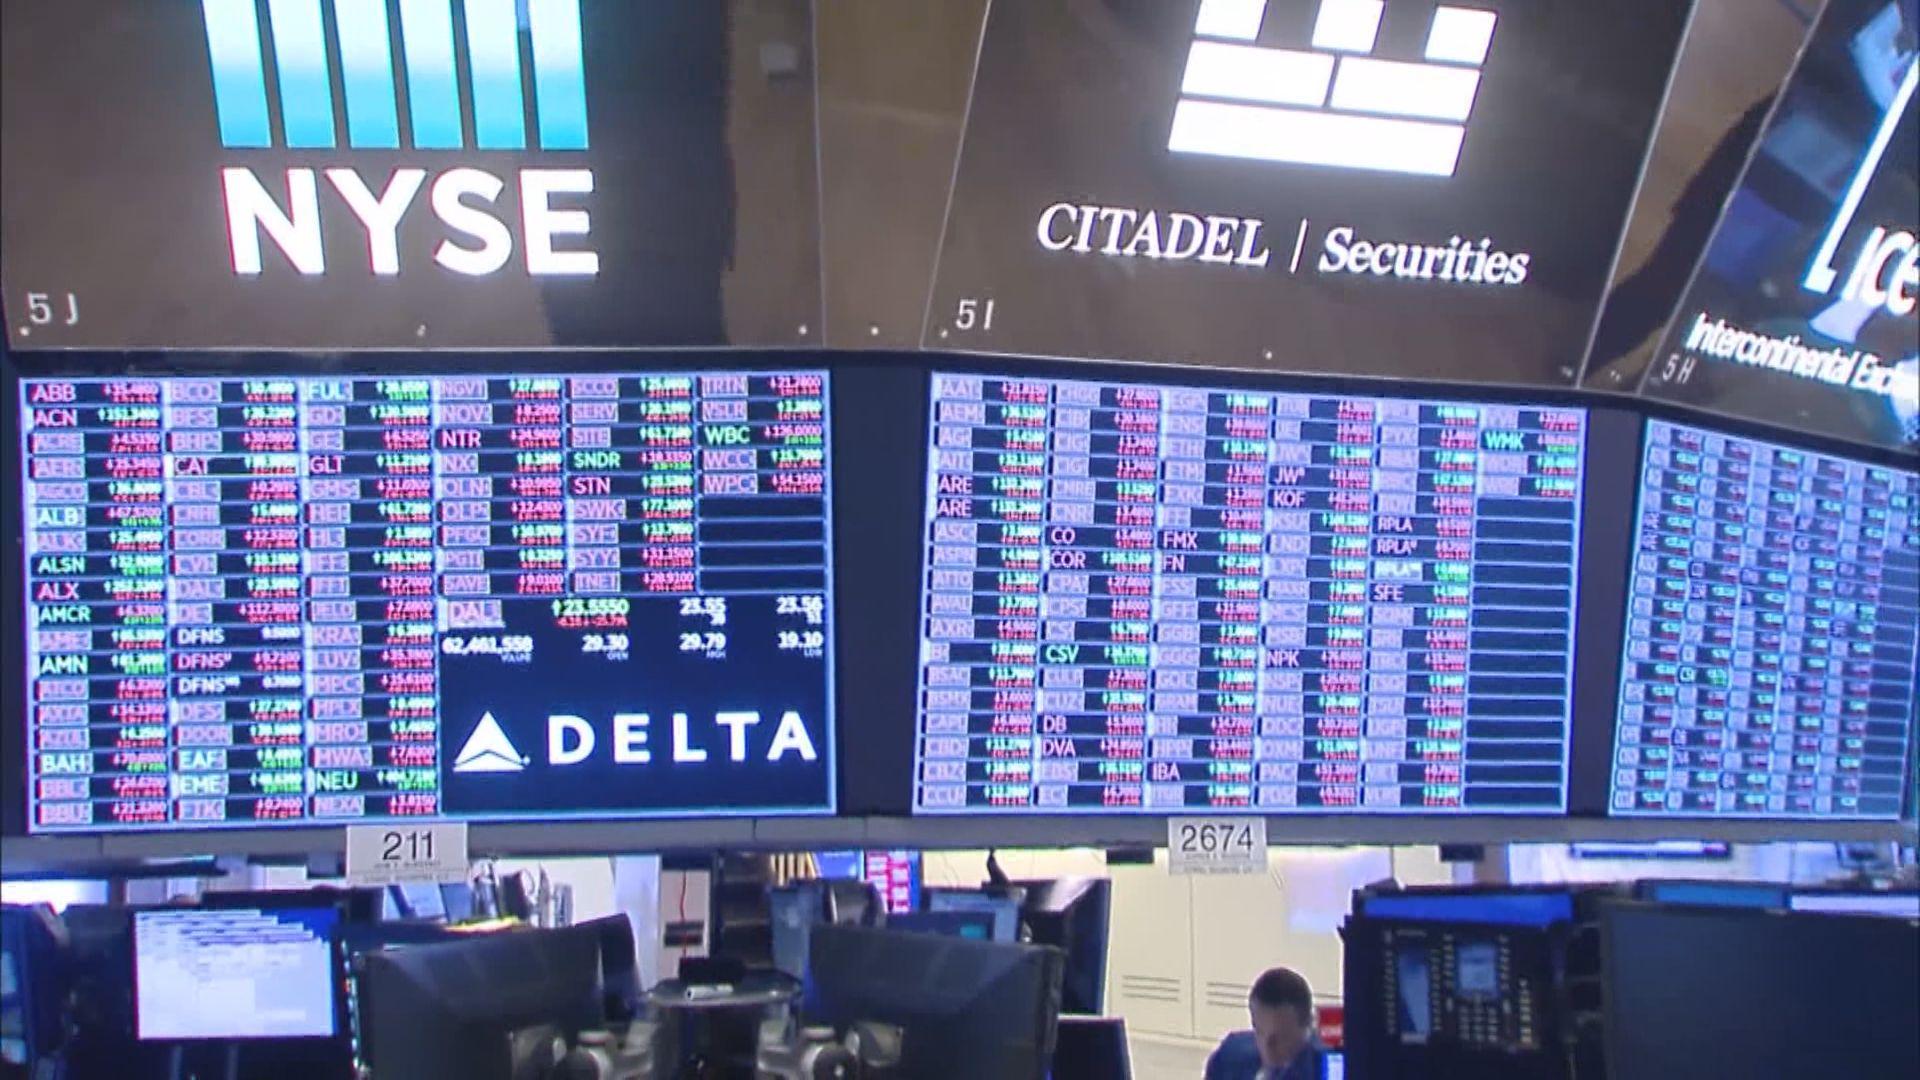 美國國務院警告當地大專院校不要投資中概股 外交部:不符中美雙方資本市場利益